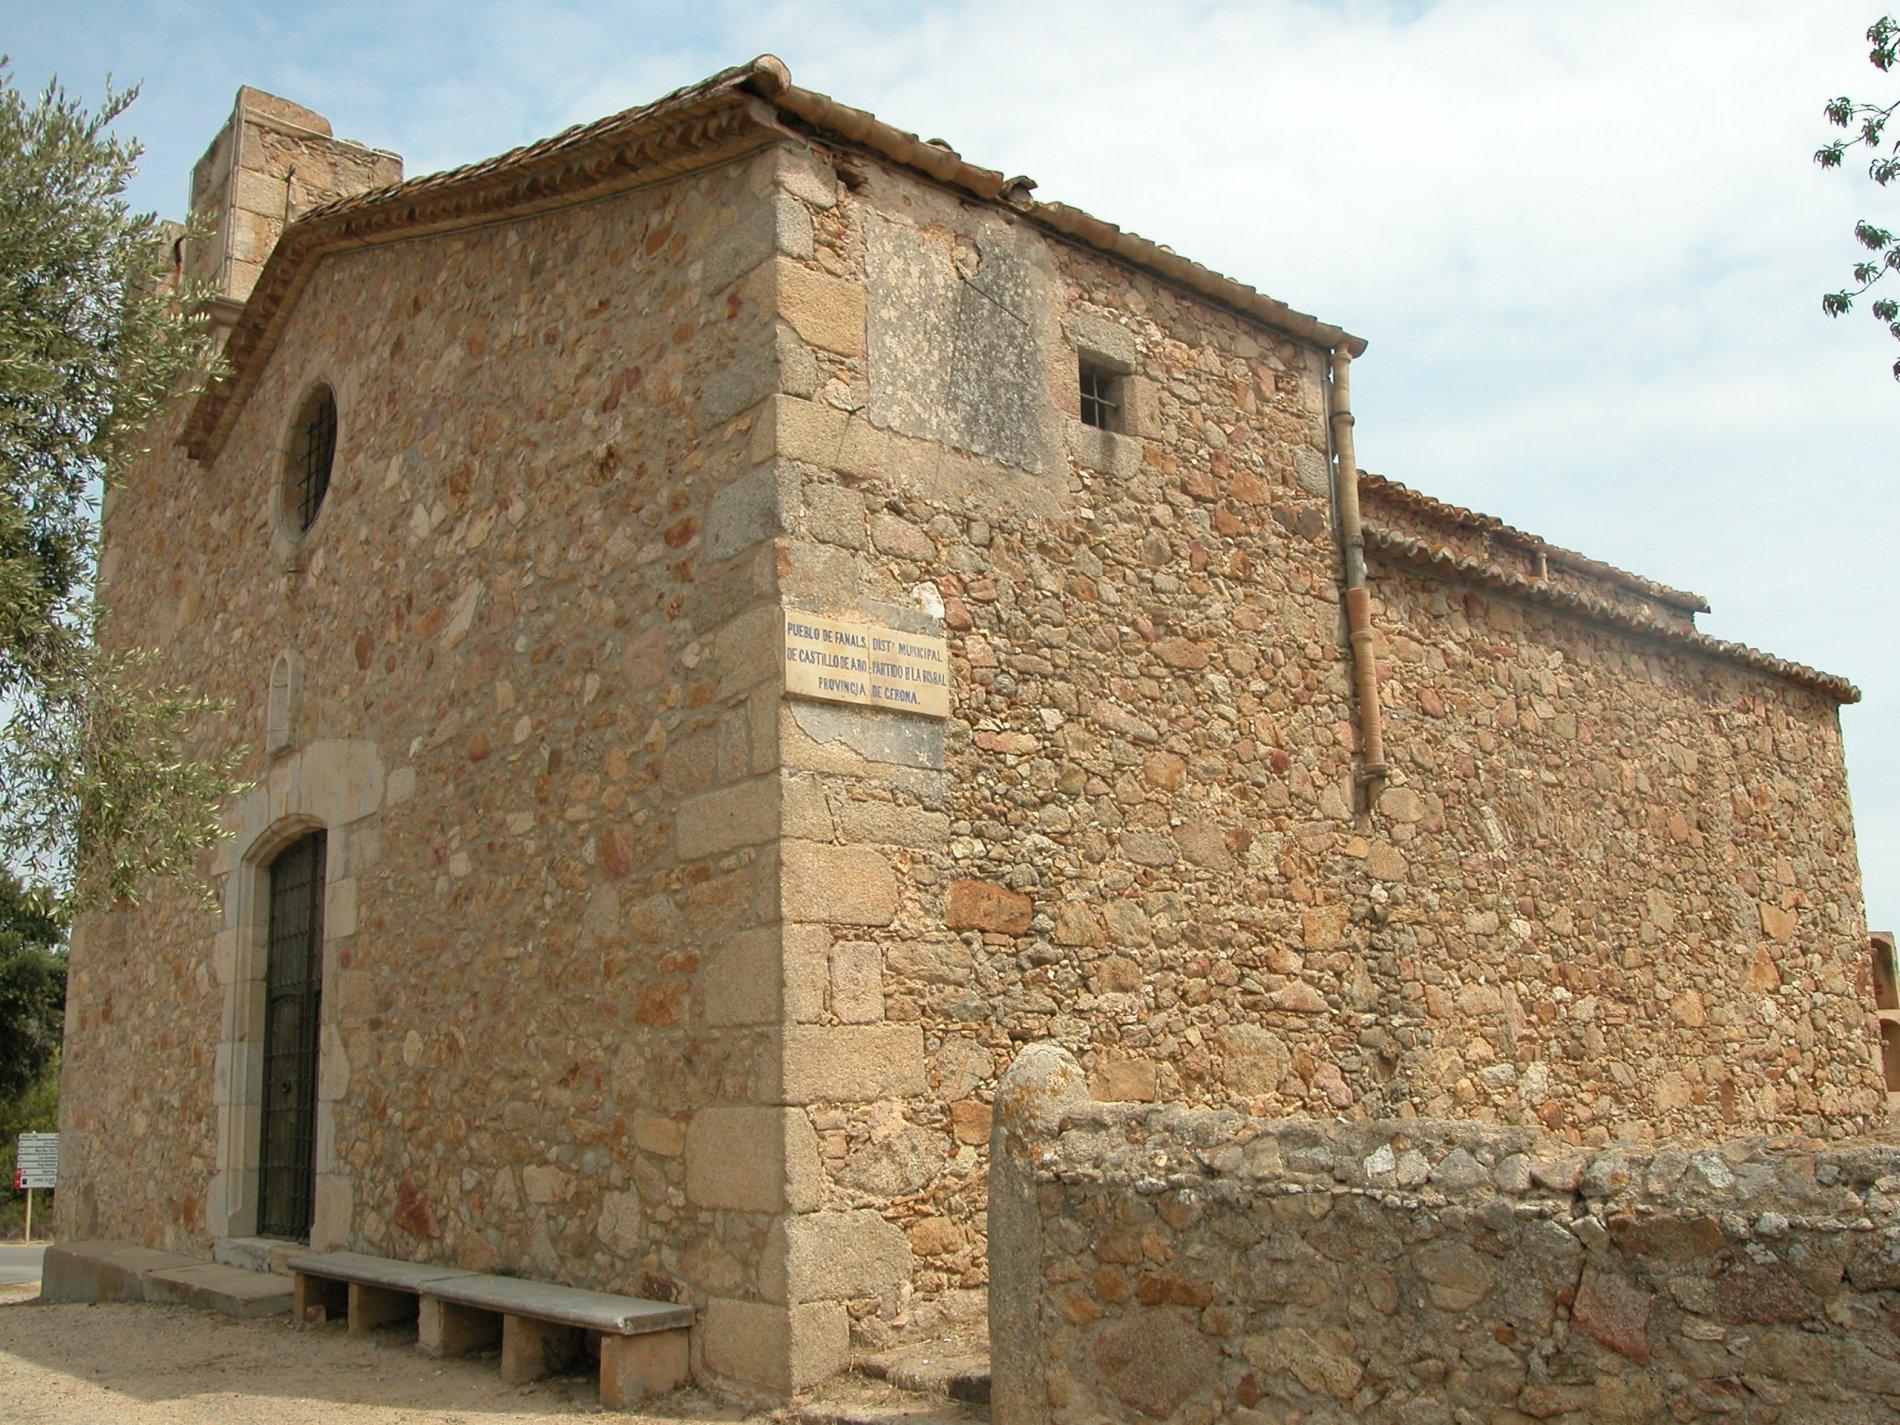 Santa Maria de Fenals d'Aro té dues edificacions, l'antiga a les Gavarres i la nova a les afores de Platja d'Aro. La imatge és d'aquesta última edificació construïda en època barroca. A la imatge es veu la façana amb la porta adovellada, el rosetó i el campanar inacabat. També es veu al lateral de l'edifici un rellotge de sol i l'inscripció